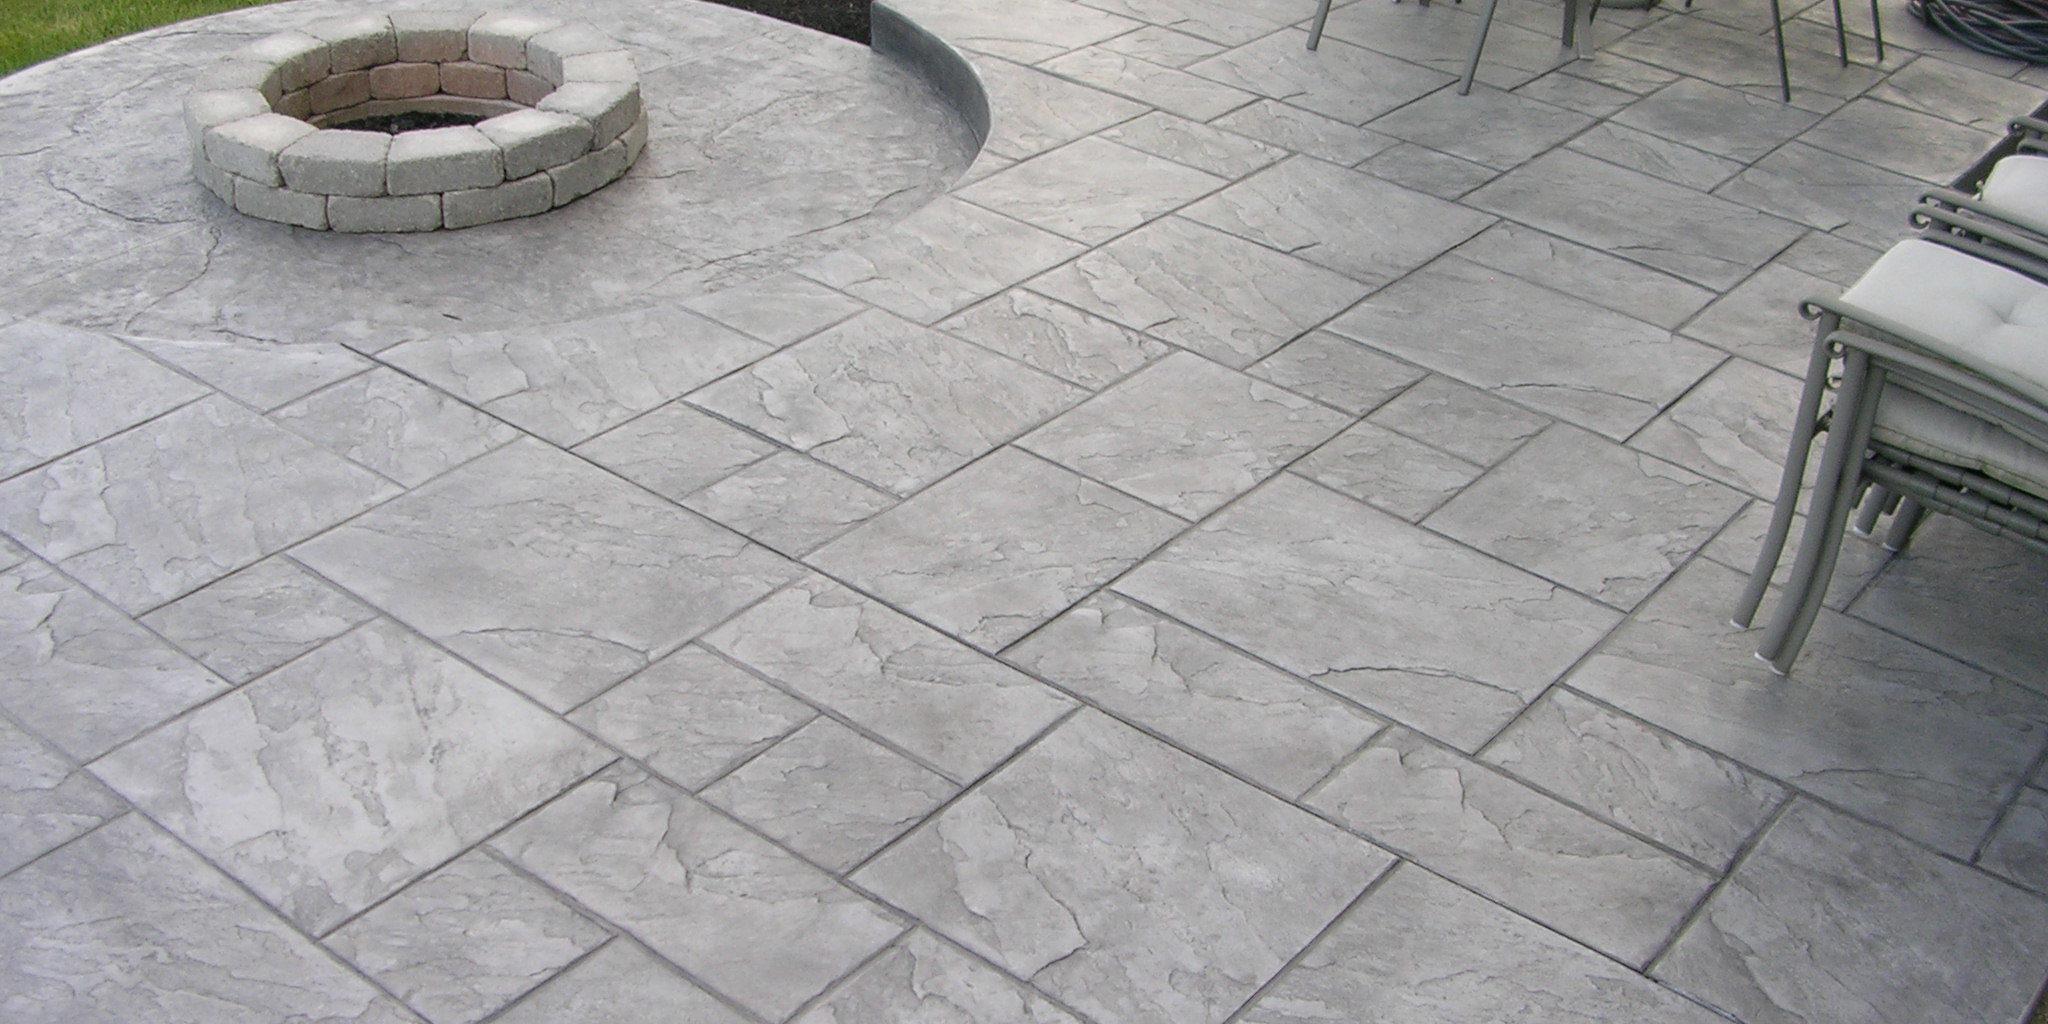 Terrasse Beton Imprimé Ou Carrelage - Mailleraye.fr Jardin tout Beton Imprimé Au Jardin